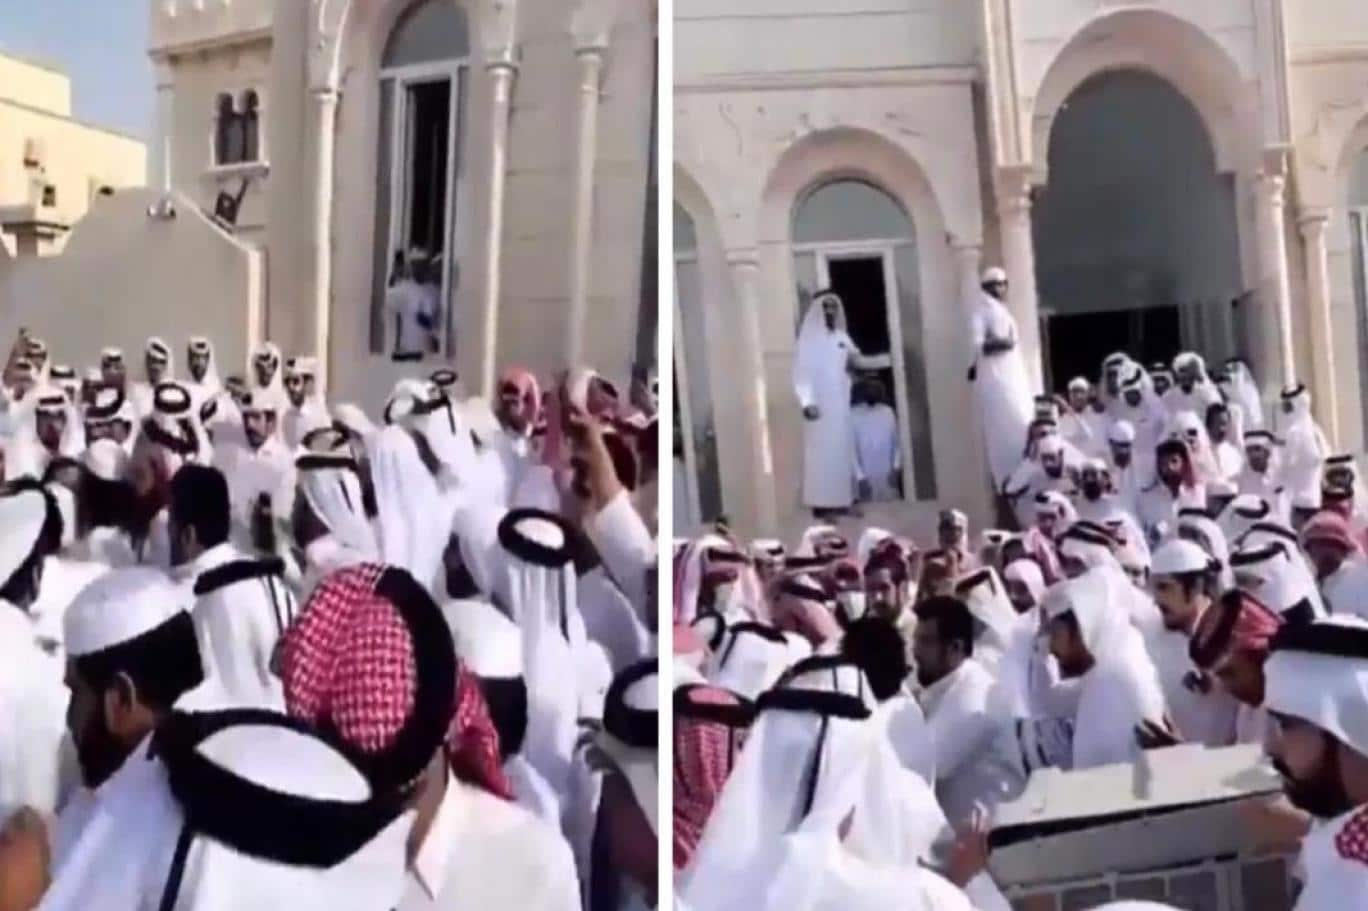 فض اعتصام قبيلة آل مرة في قطر بعد تدخل الأمير تميم بن حمد (فيديو)